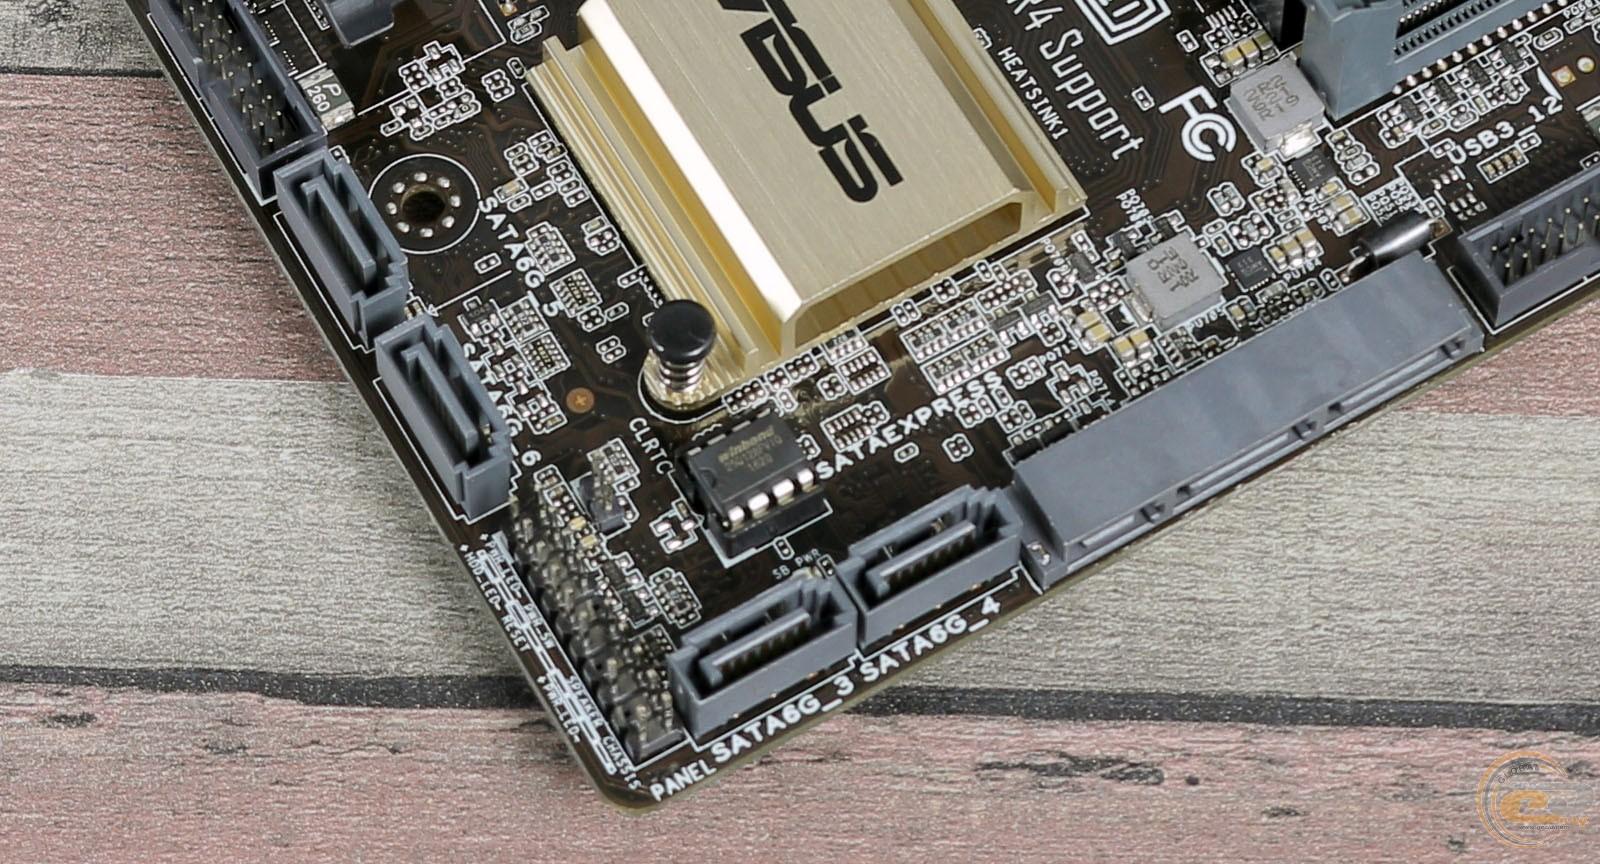 ASUS H170M-PLUS INTEL LAN WINDOWS 7 X64 TREIBER